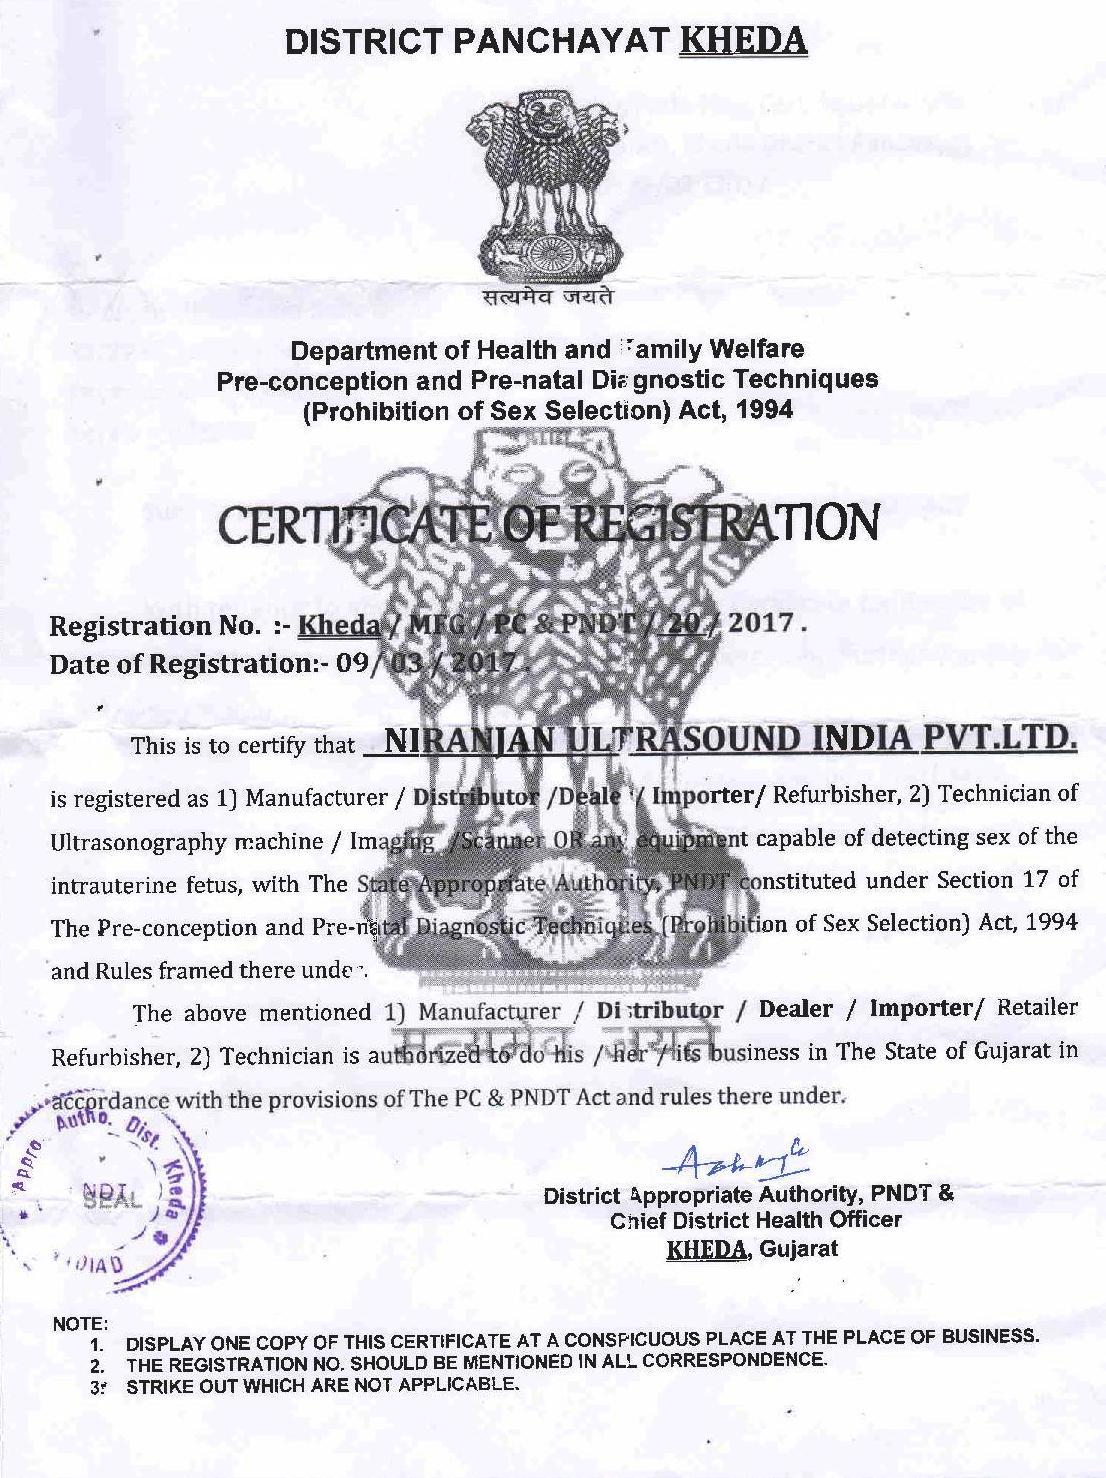 Kedha PNDT Certificate